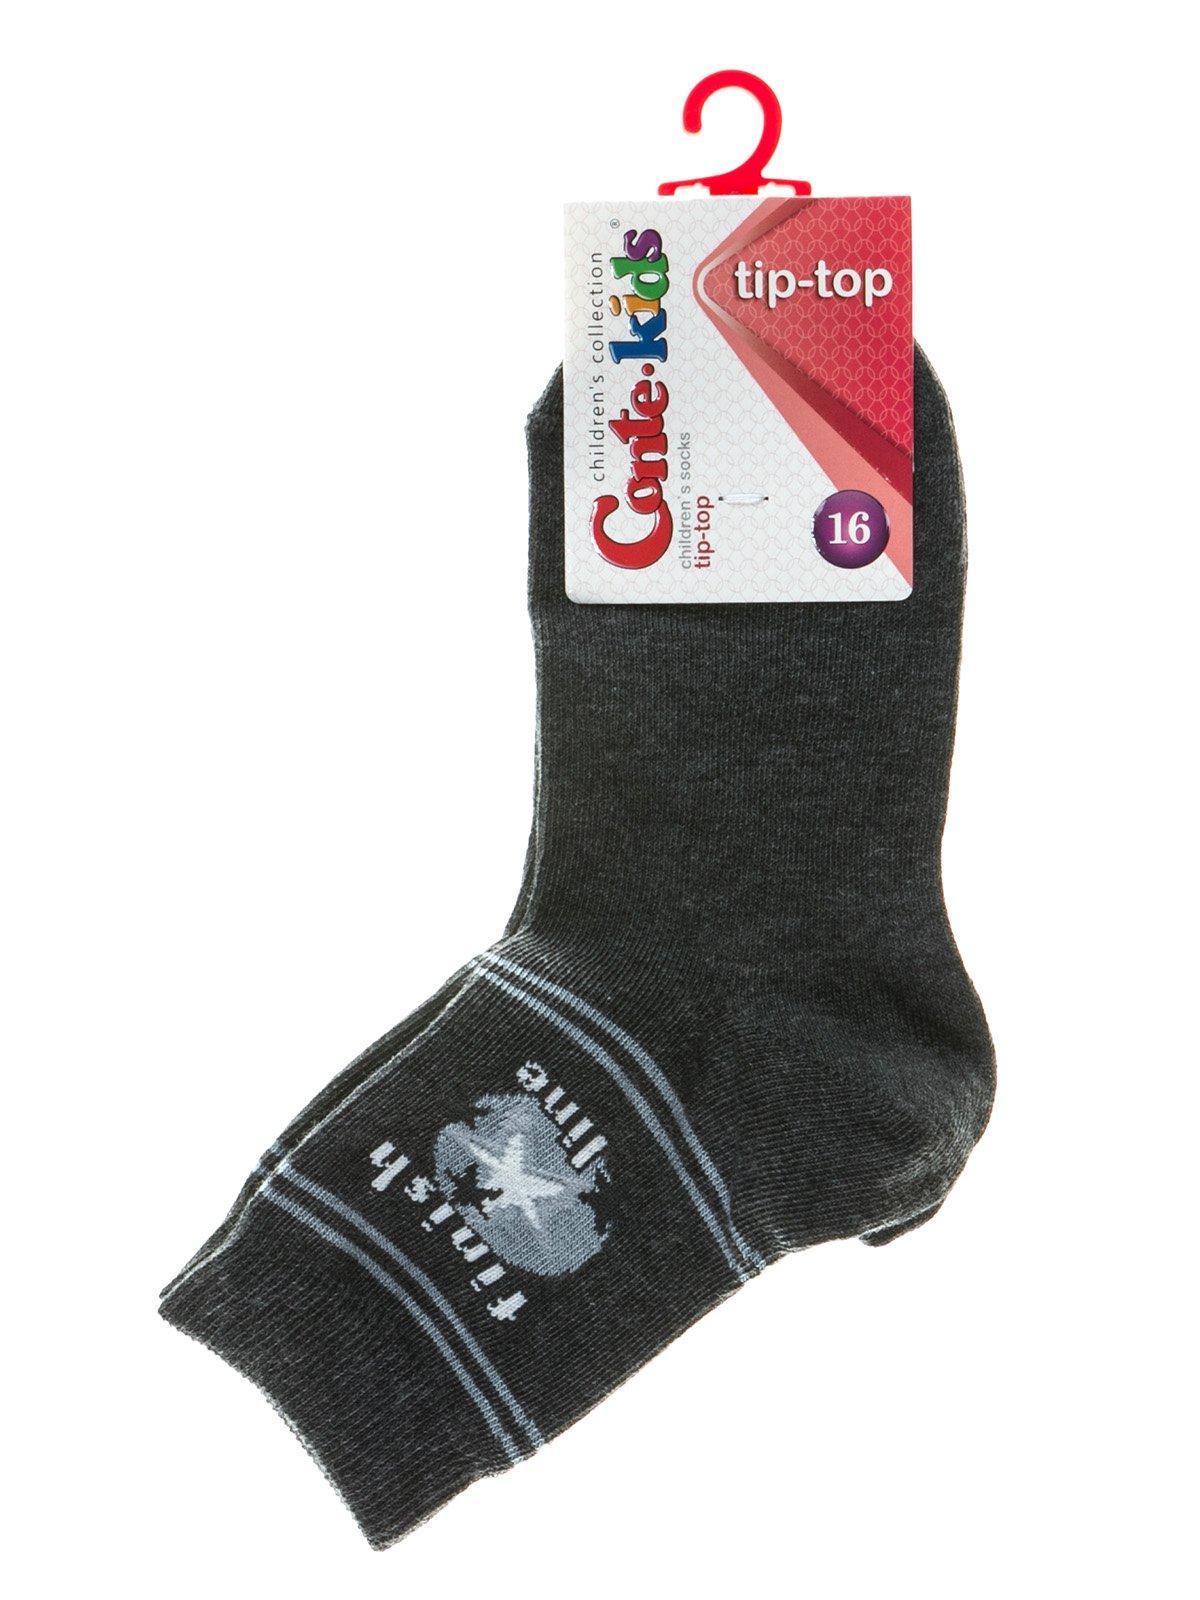 Шкарпетки темно-сірі з малюнком | 2626272